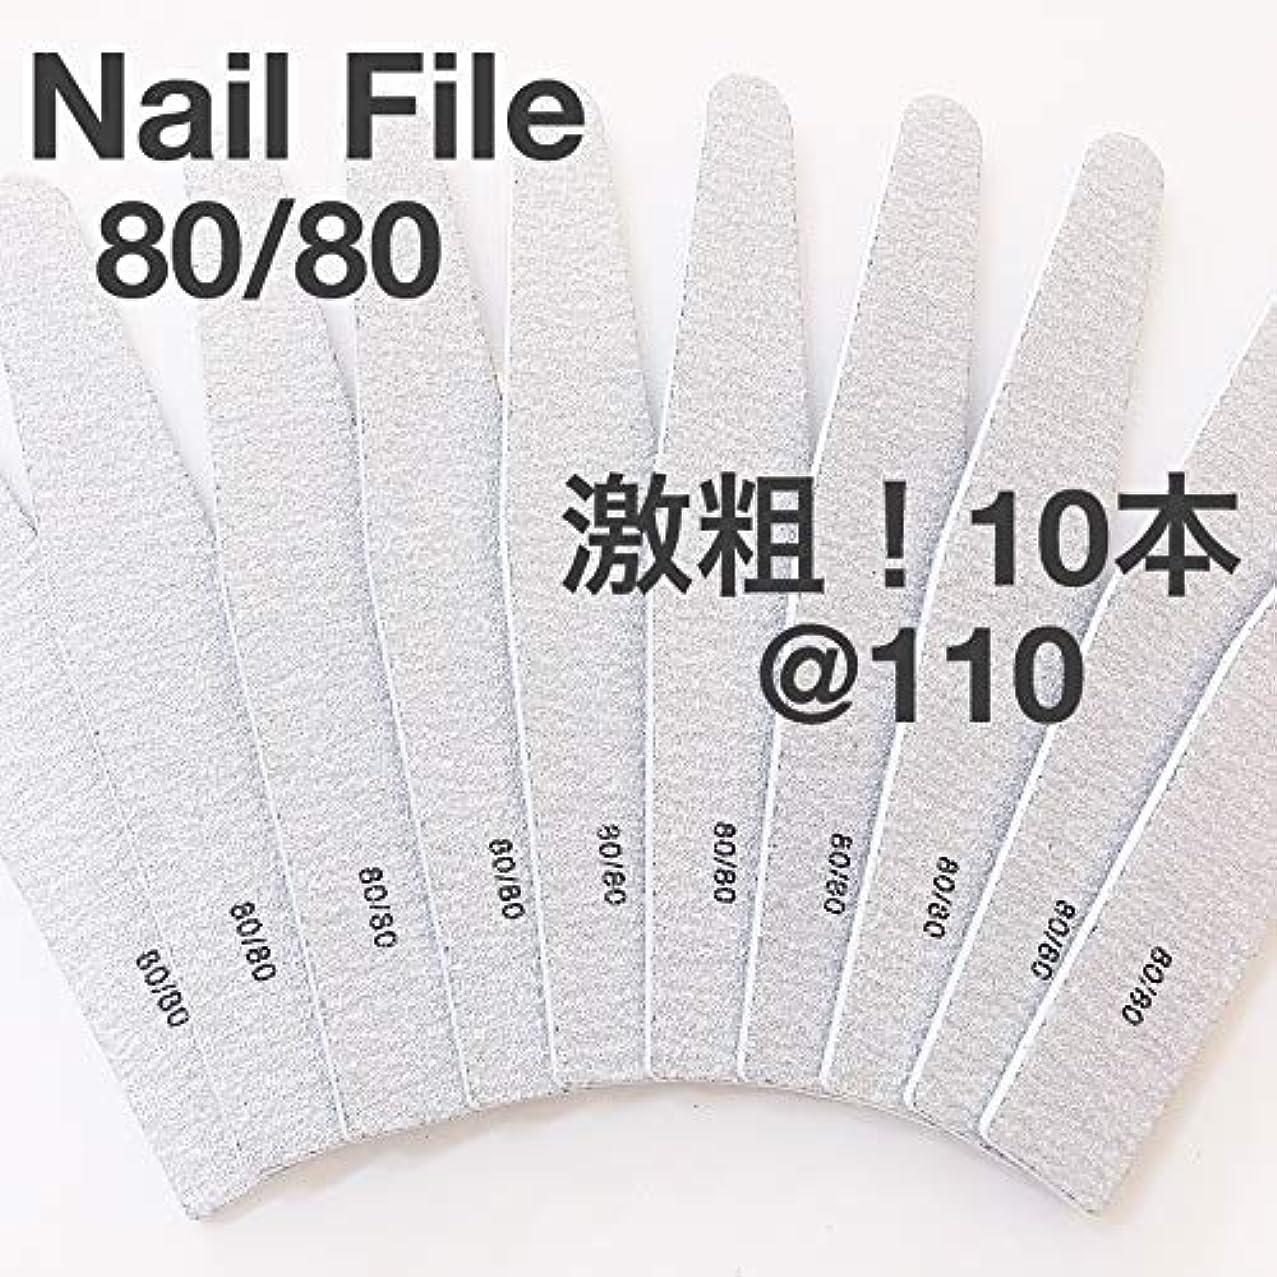 倒産衣類近傍ネイルファイル 80/80激粗【10本セット】ガリガリ削れます!